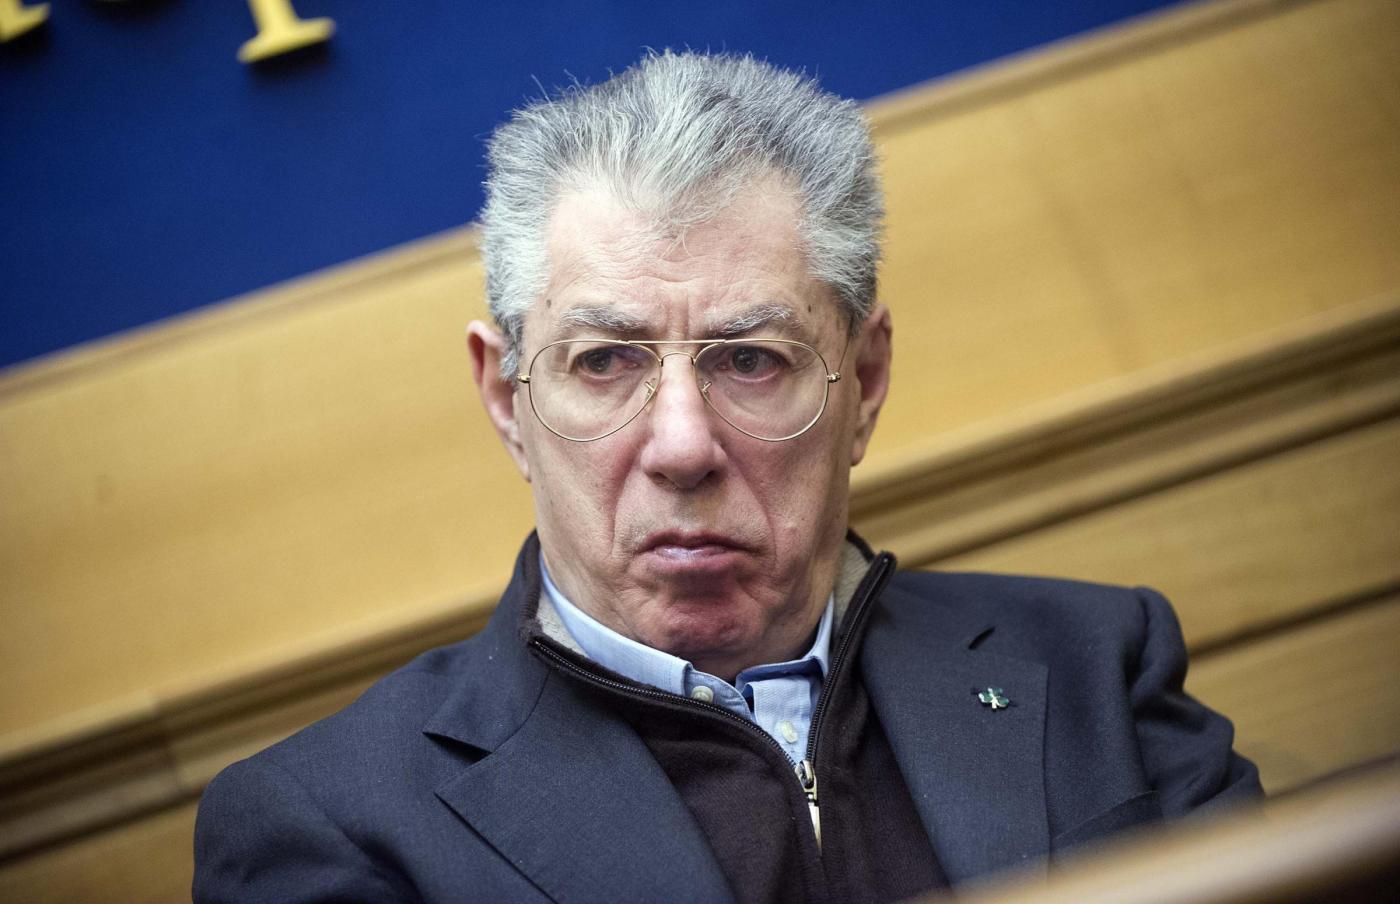 Umberto Bossi su Casaleggio: 'Forse è morto quello sbagliato'